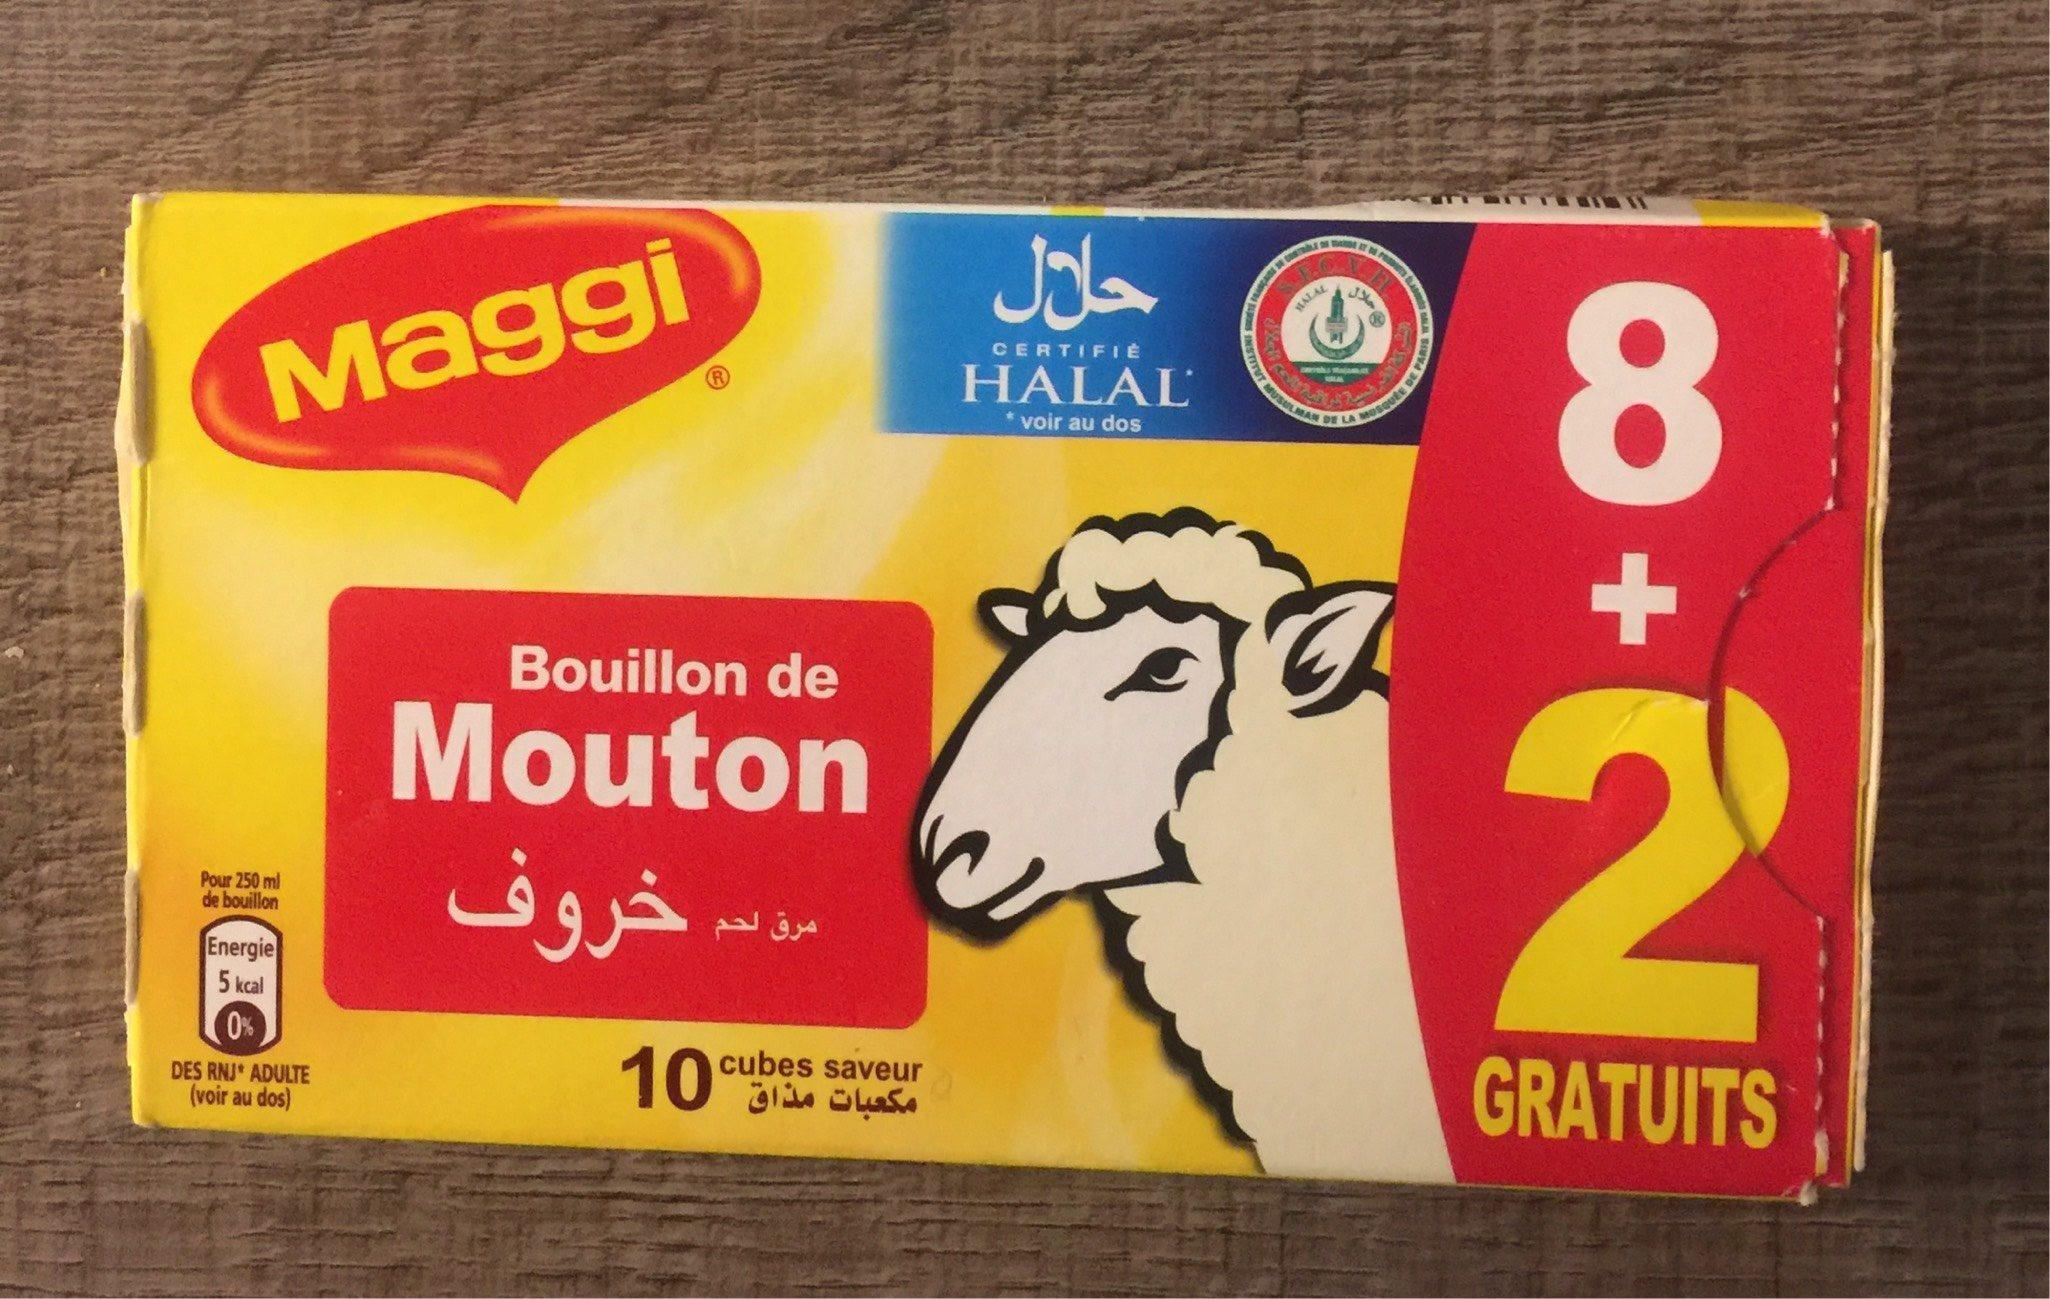 Bouillon Cube Maggi Mouton Halal - Product